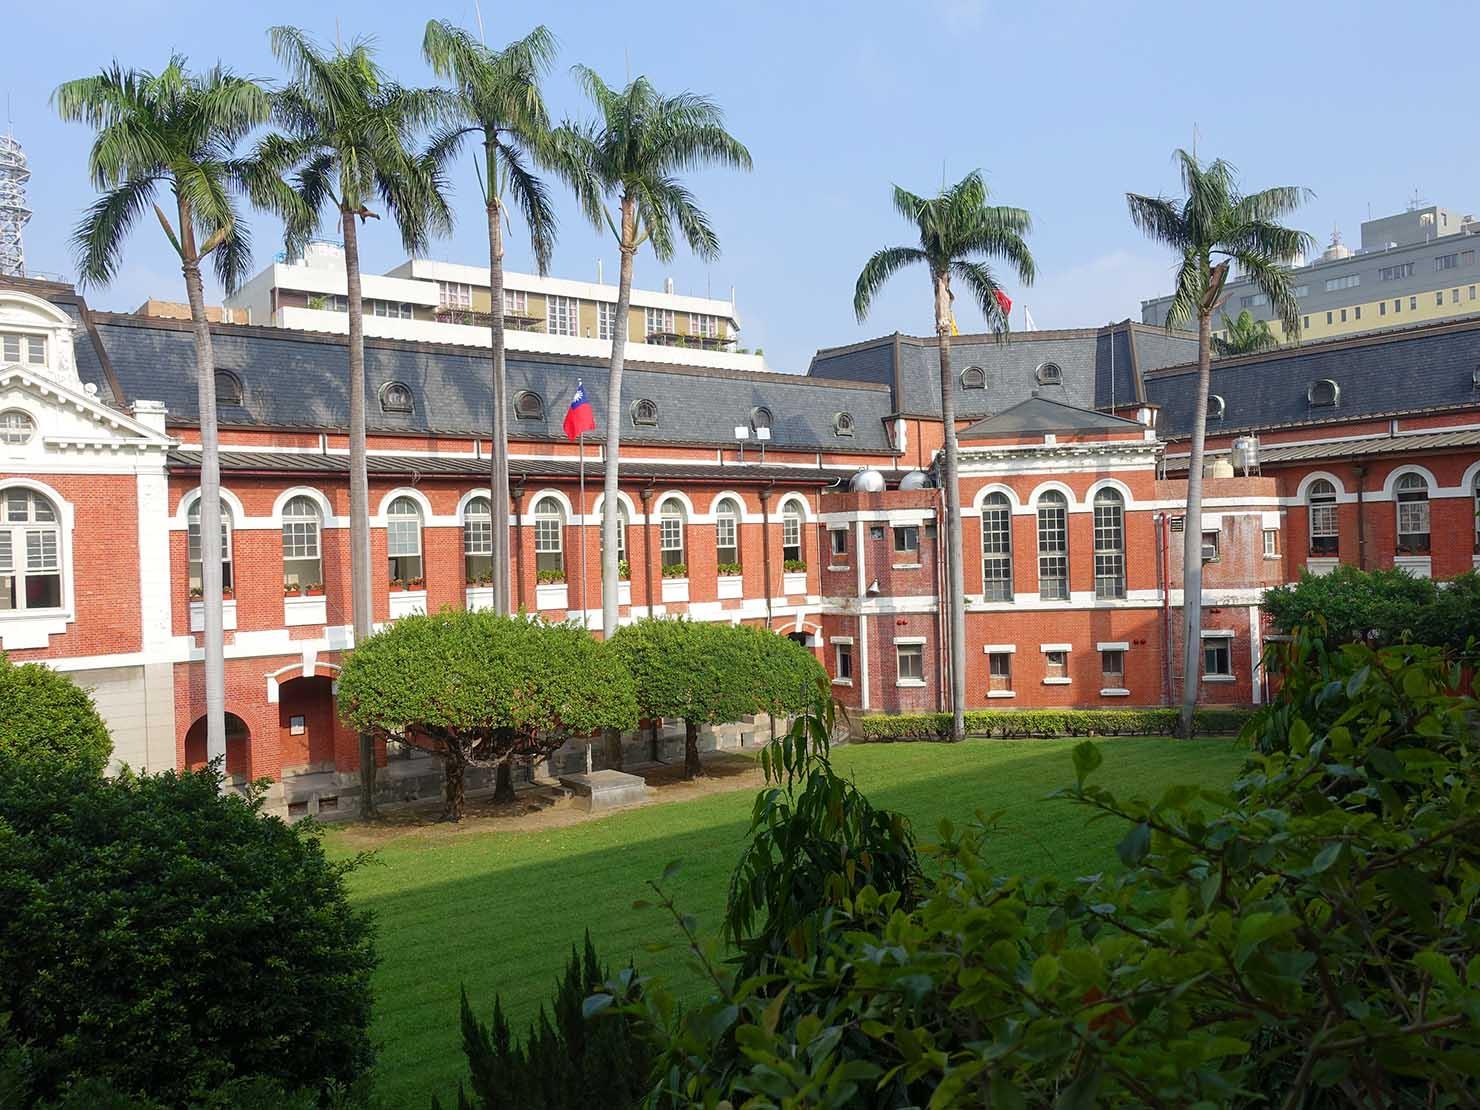 台中観光のおすすめスポット「台中州廳」の内部